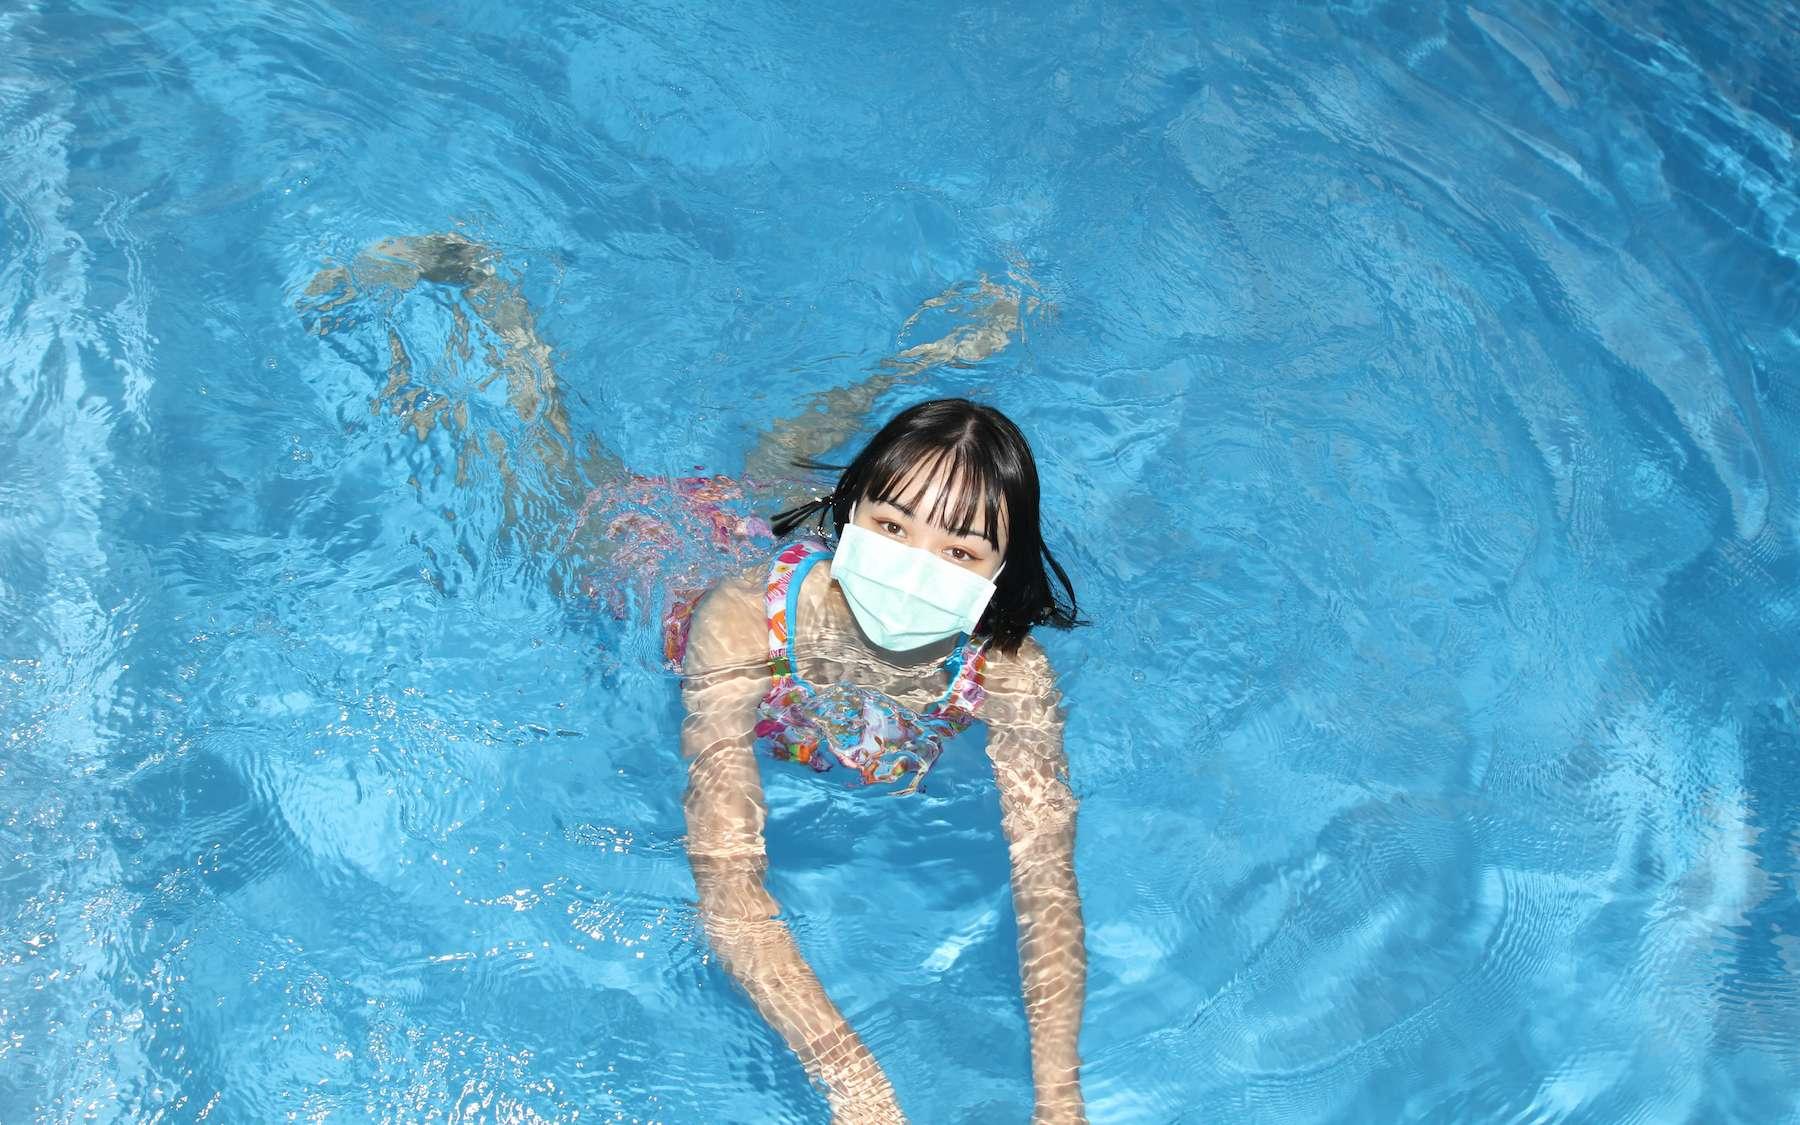 L'eau de mer ou de piscine est un environnement peu favorable pour les virus. © Cyrsiam, Adobe Stock